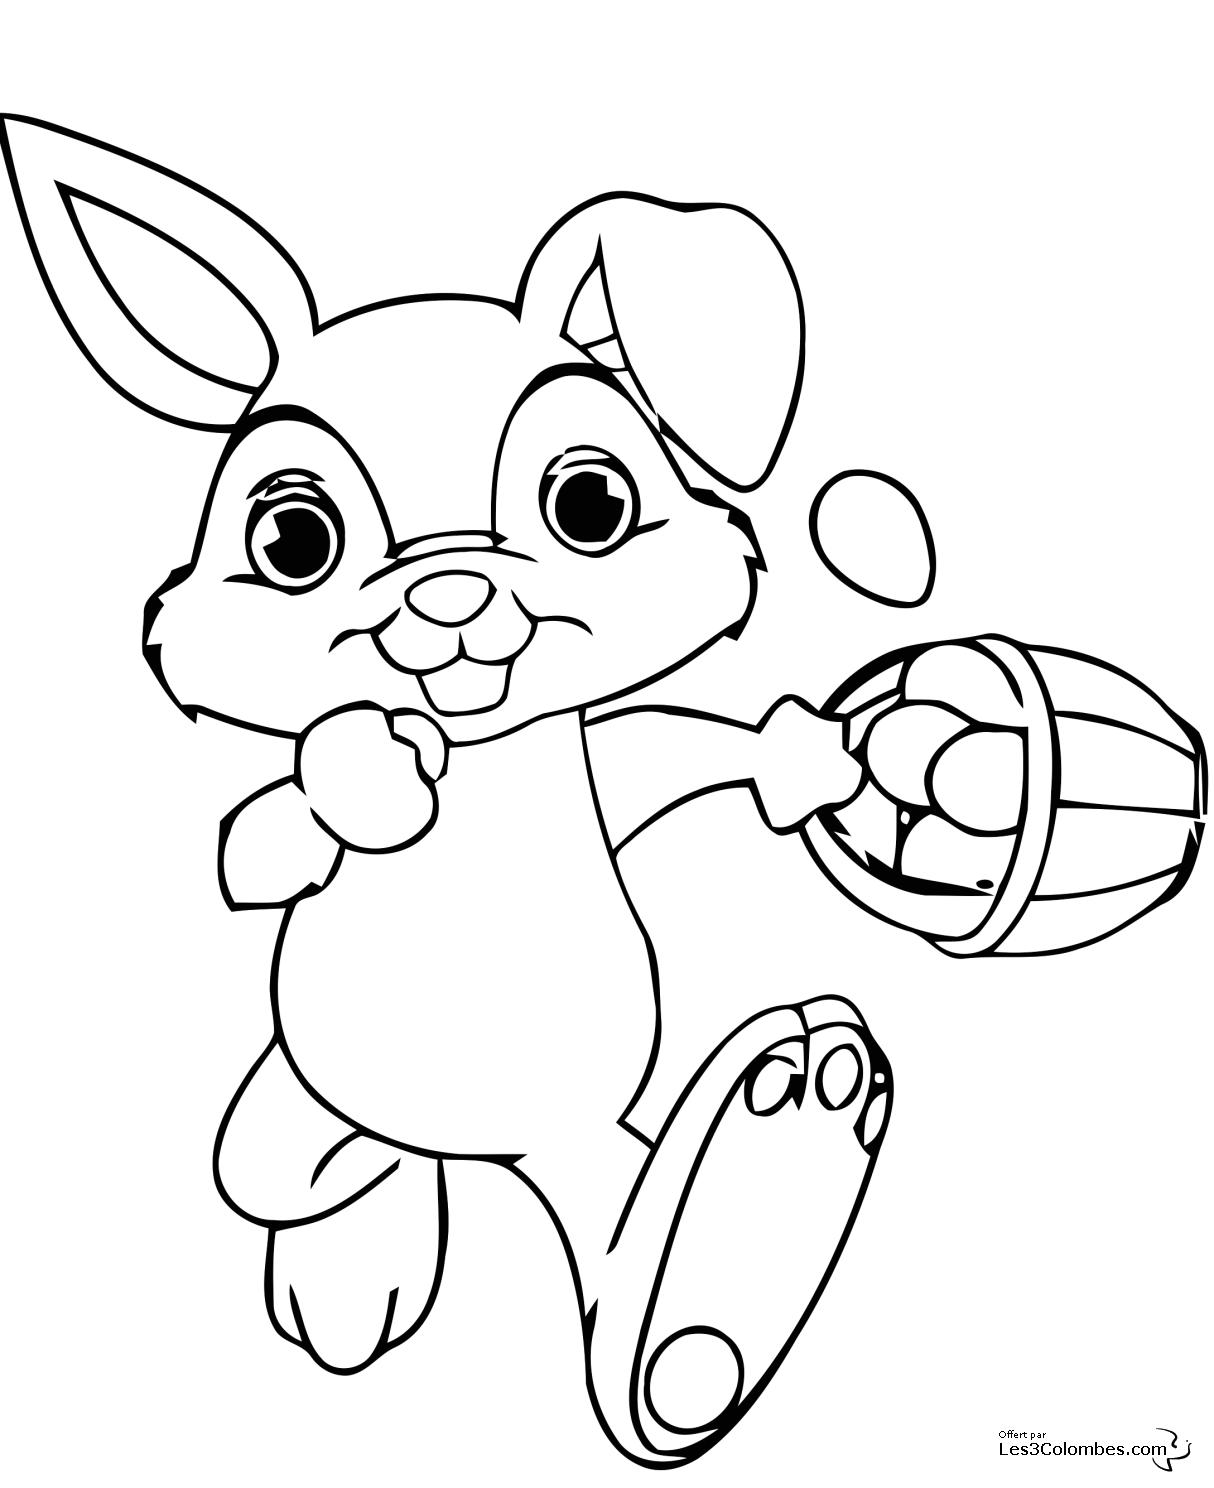 coloriage de p ques oeufs de p ques lapins cloches coloriages pour enfants coloriage. Black Bedroom Furniture Sets. Home Design Ideas